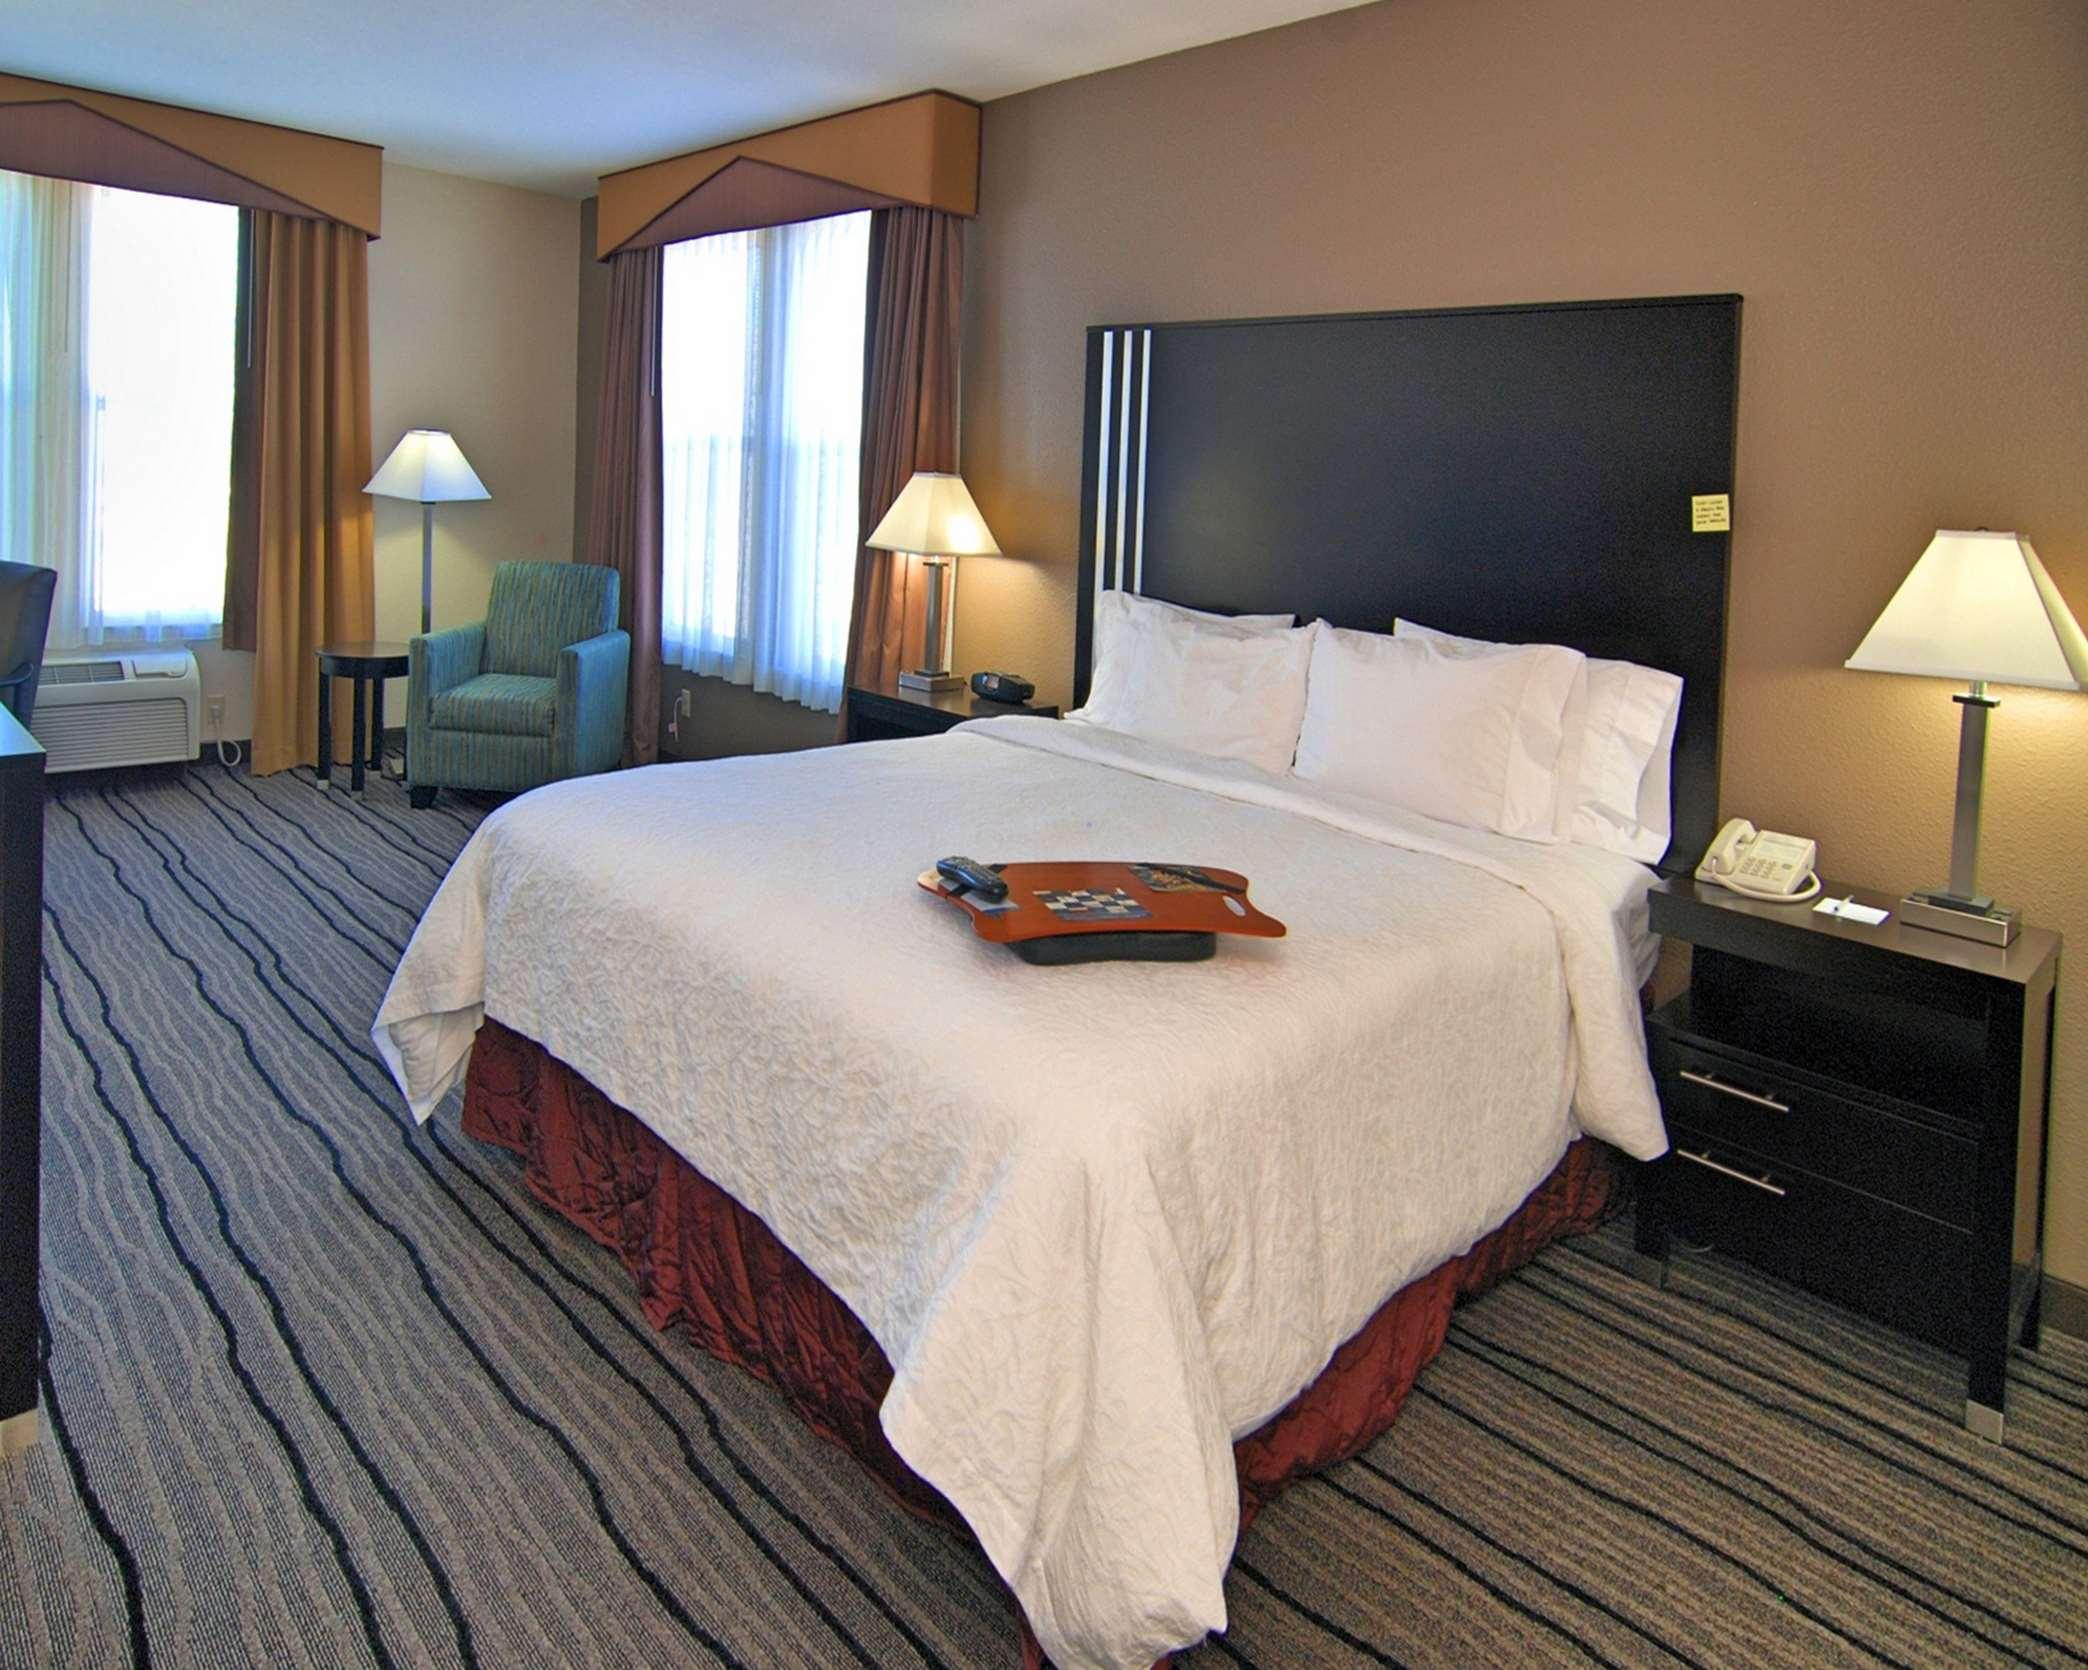 Hampton Inn & Suites Mountain View image 11